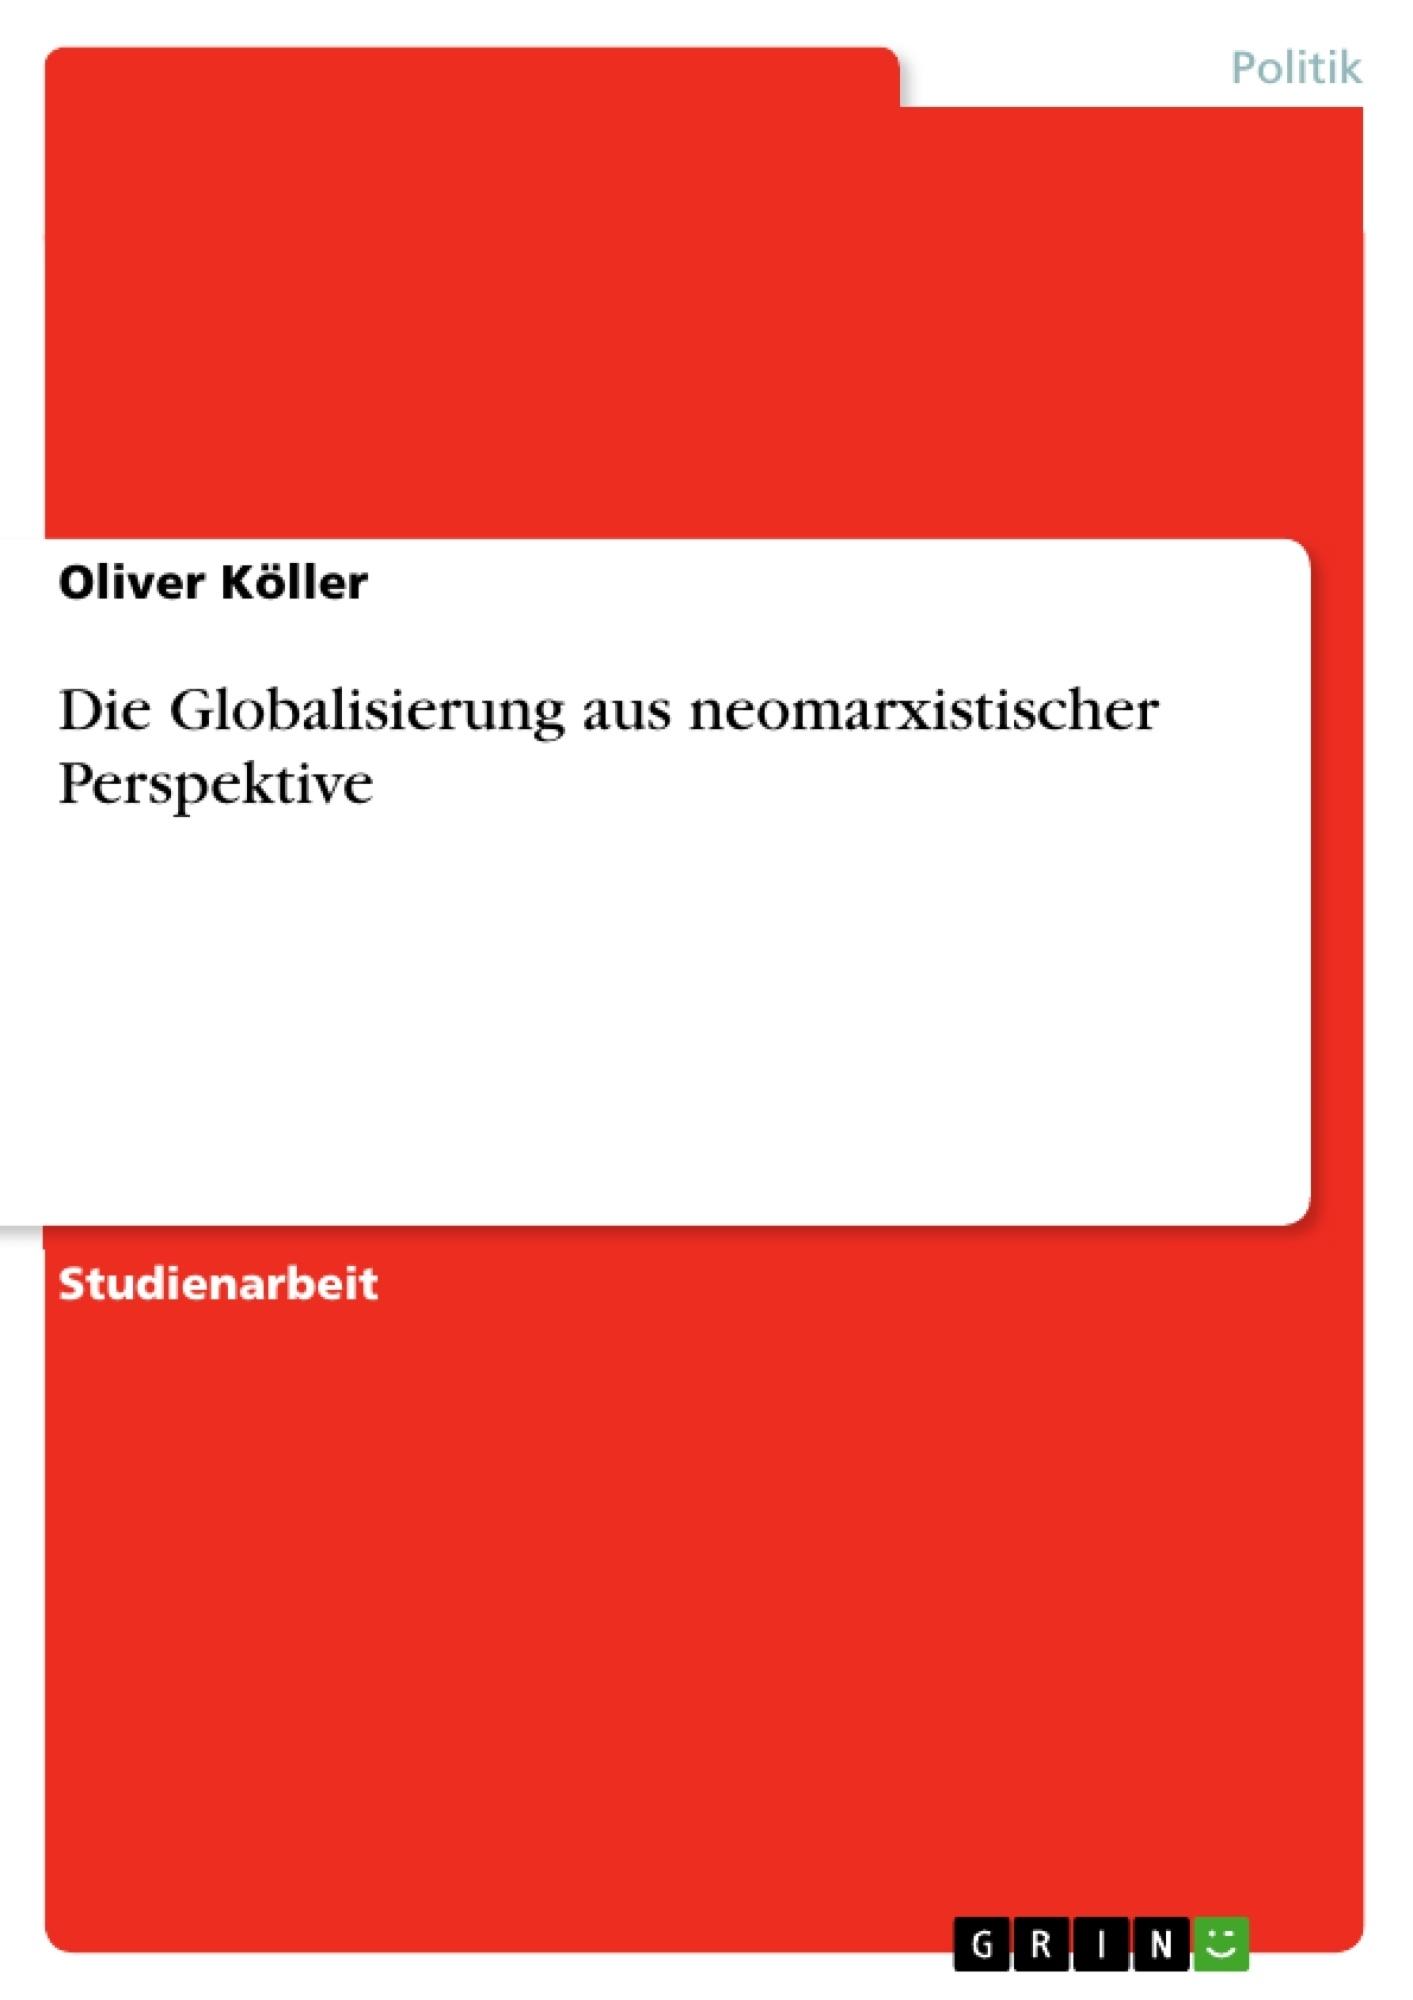 Titel: Die Globalisierung aus neomarxistischer Perspektive